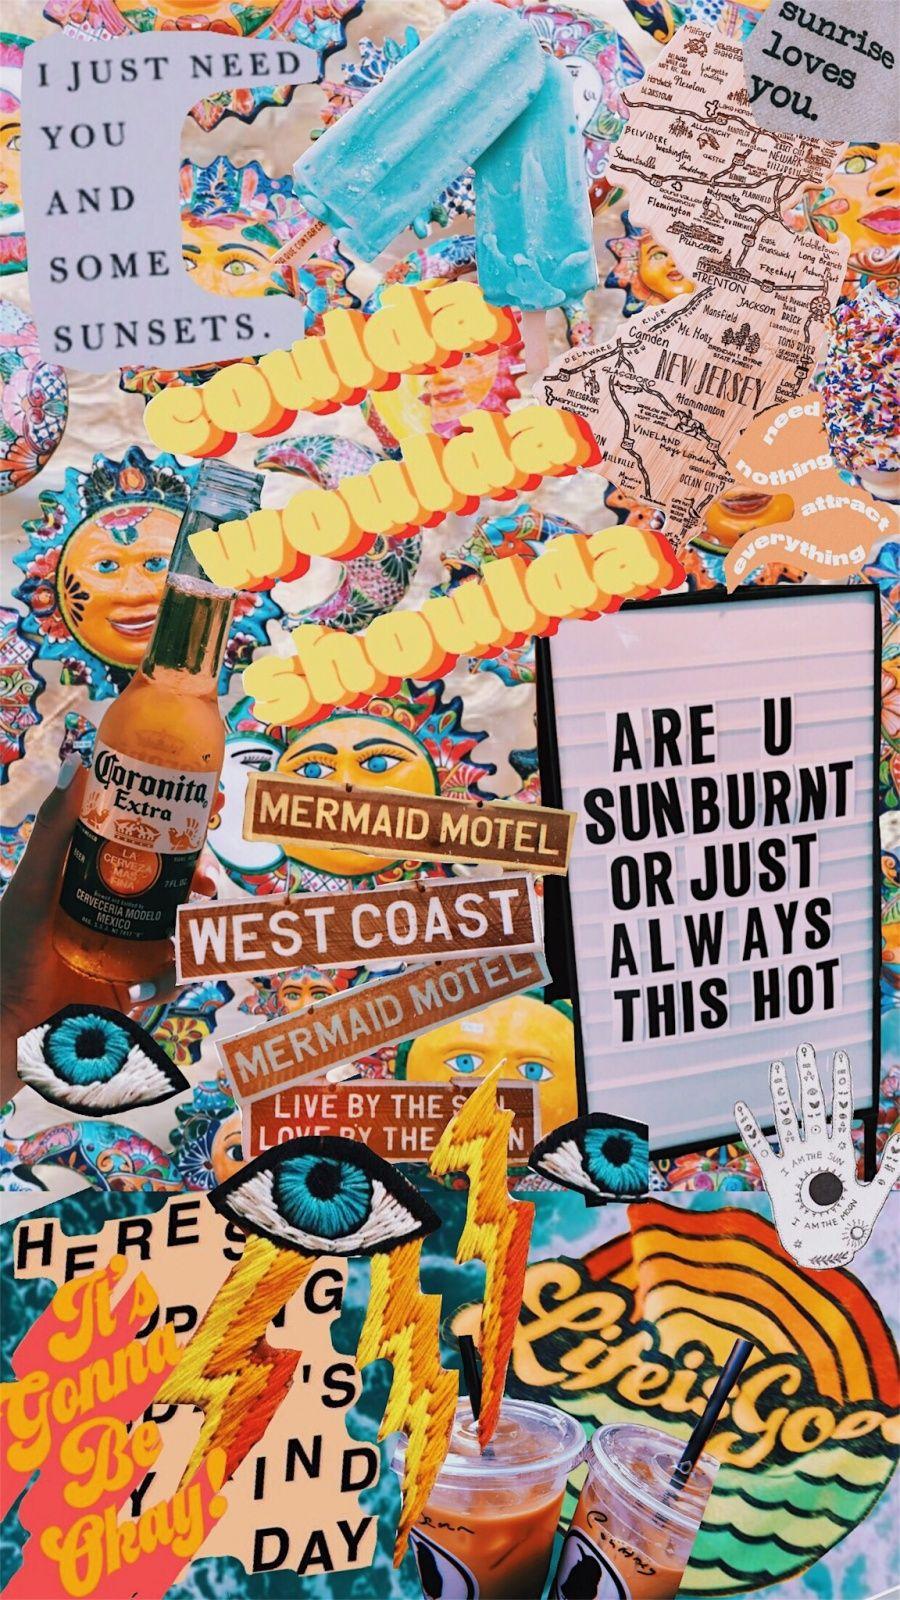 VSCO - #oceangoalz | courtklebacher | wallpapers ☄ | Vsco, Aesthetic wallpapers, Collage